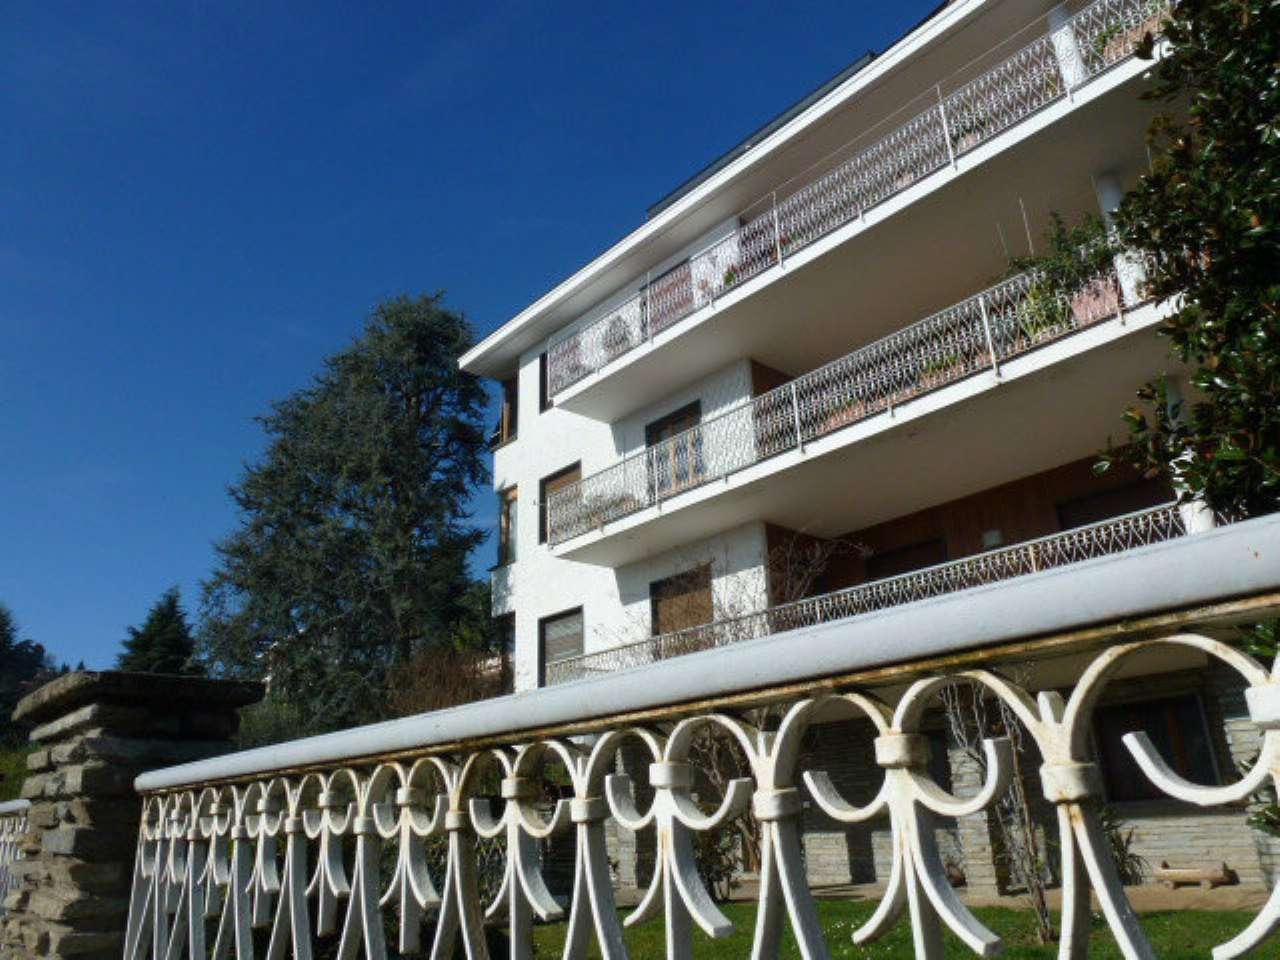 Attico / Mansarda in vendita a Pino Torinese, 2 locali, prezzo € 78.000 | CambioCasa.it